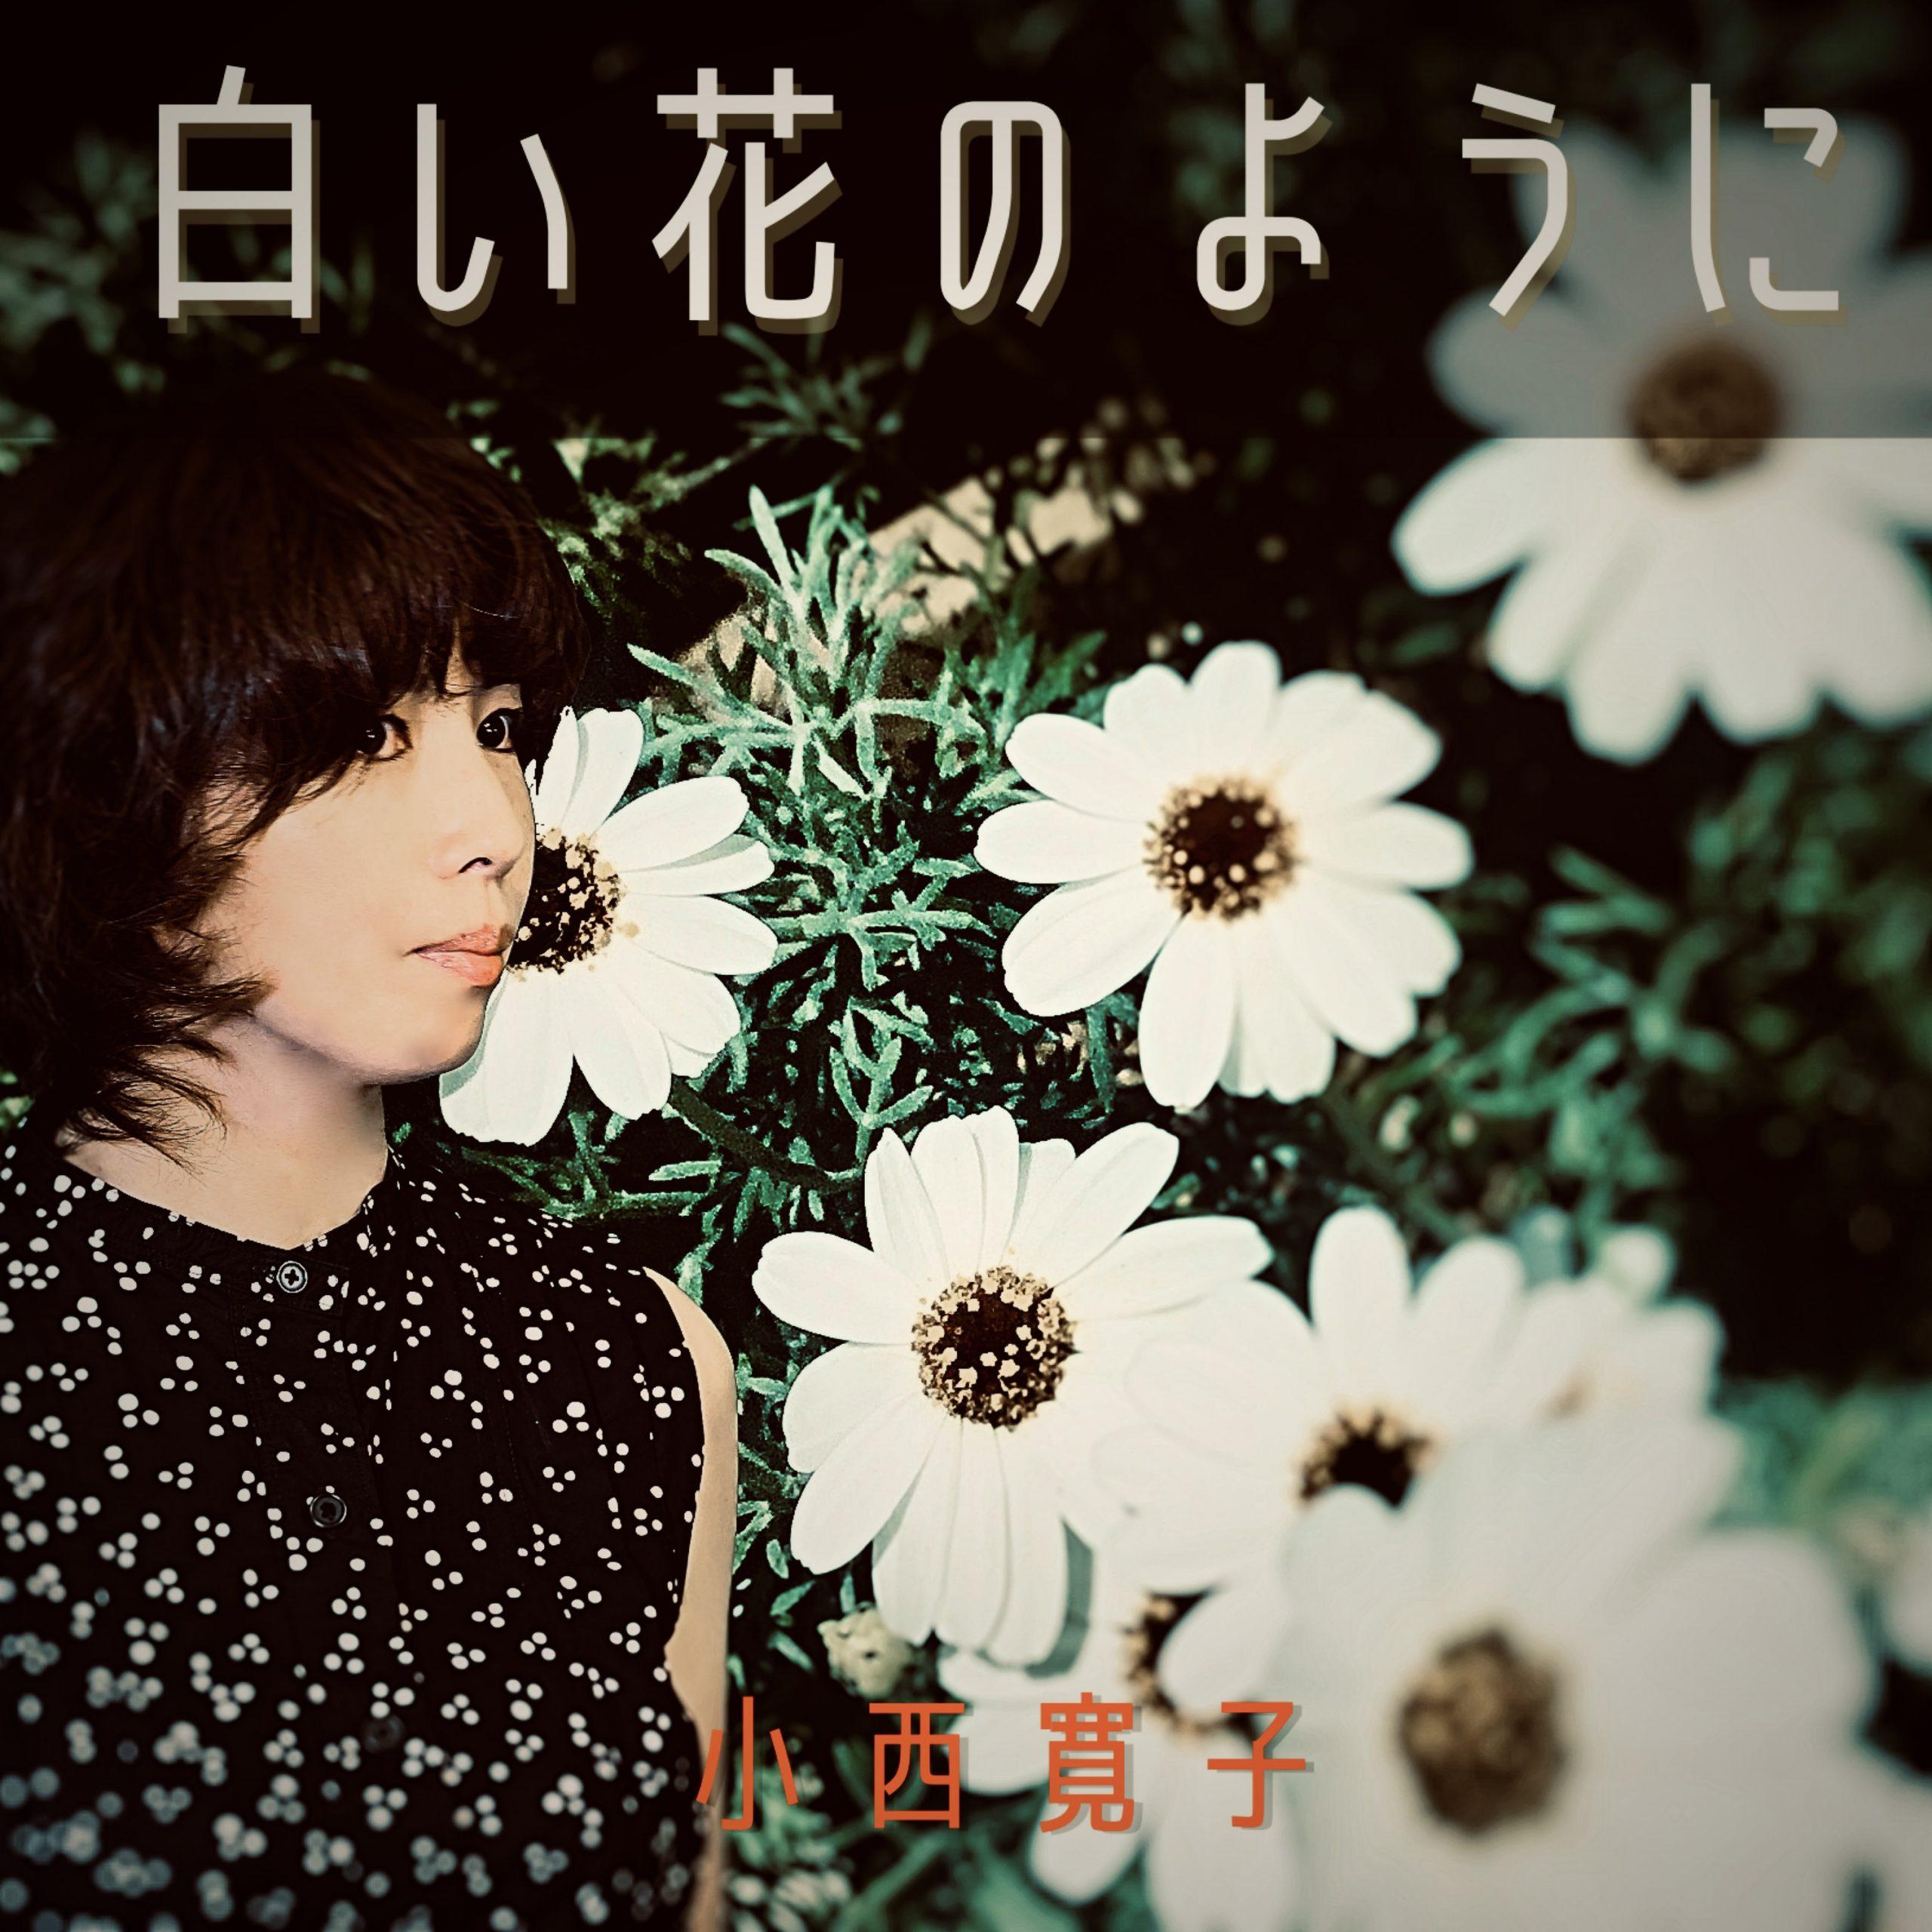 レトロな天然色の紙ジャケットをイメージ。消えつつある人の優しさを感じられる一曲「白い花のように」。